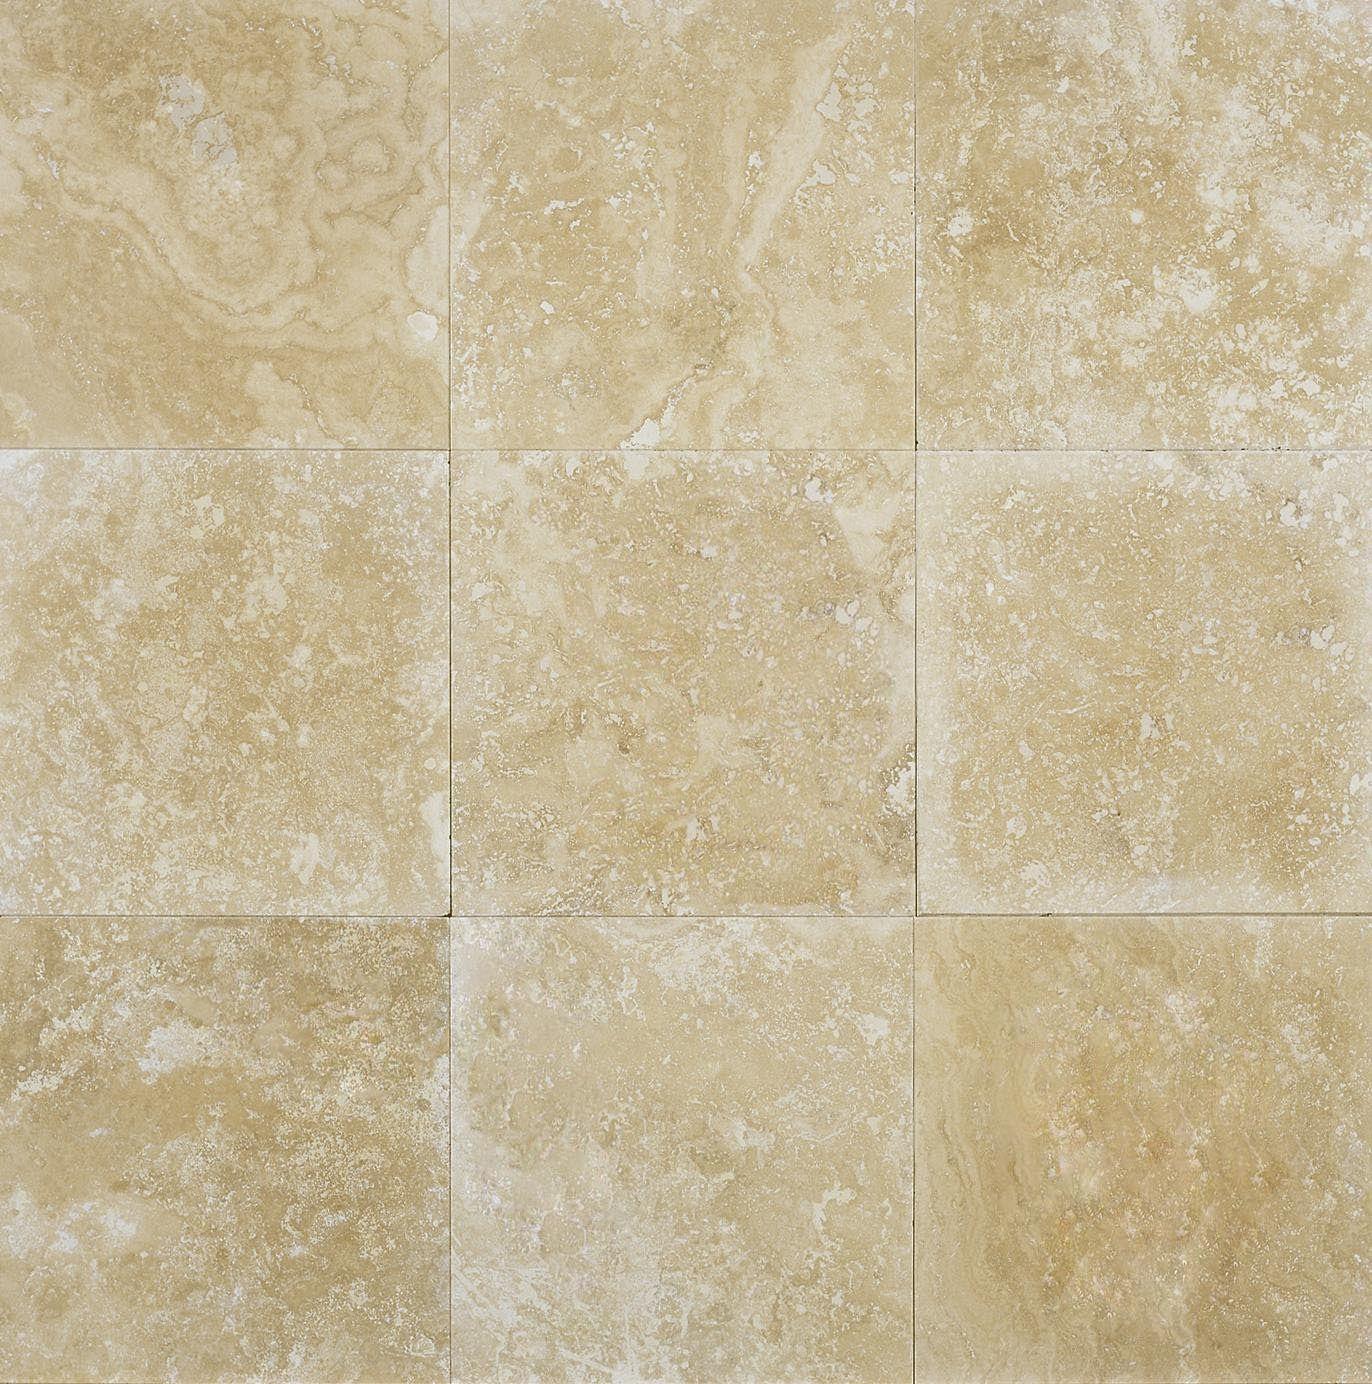 kitchen floor texture. Modern Kitchen Floor Tiles Texture. Texture E S